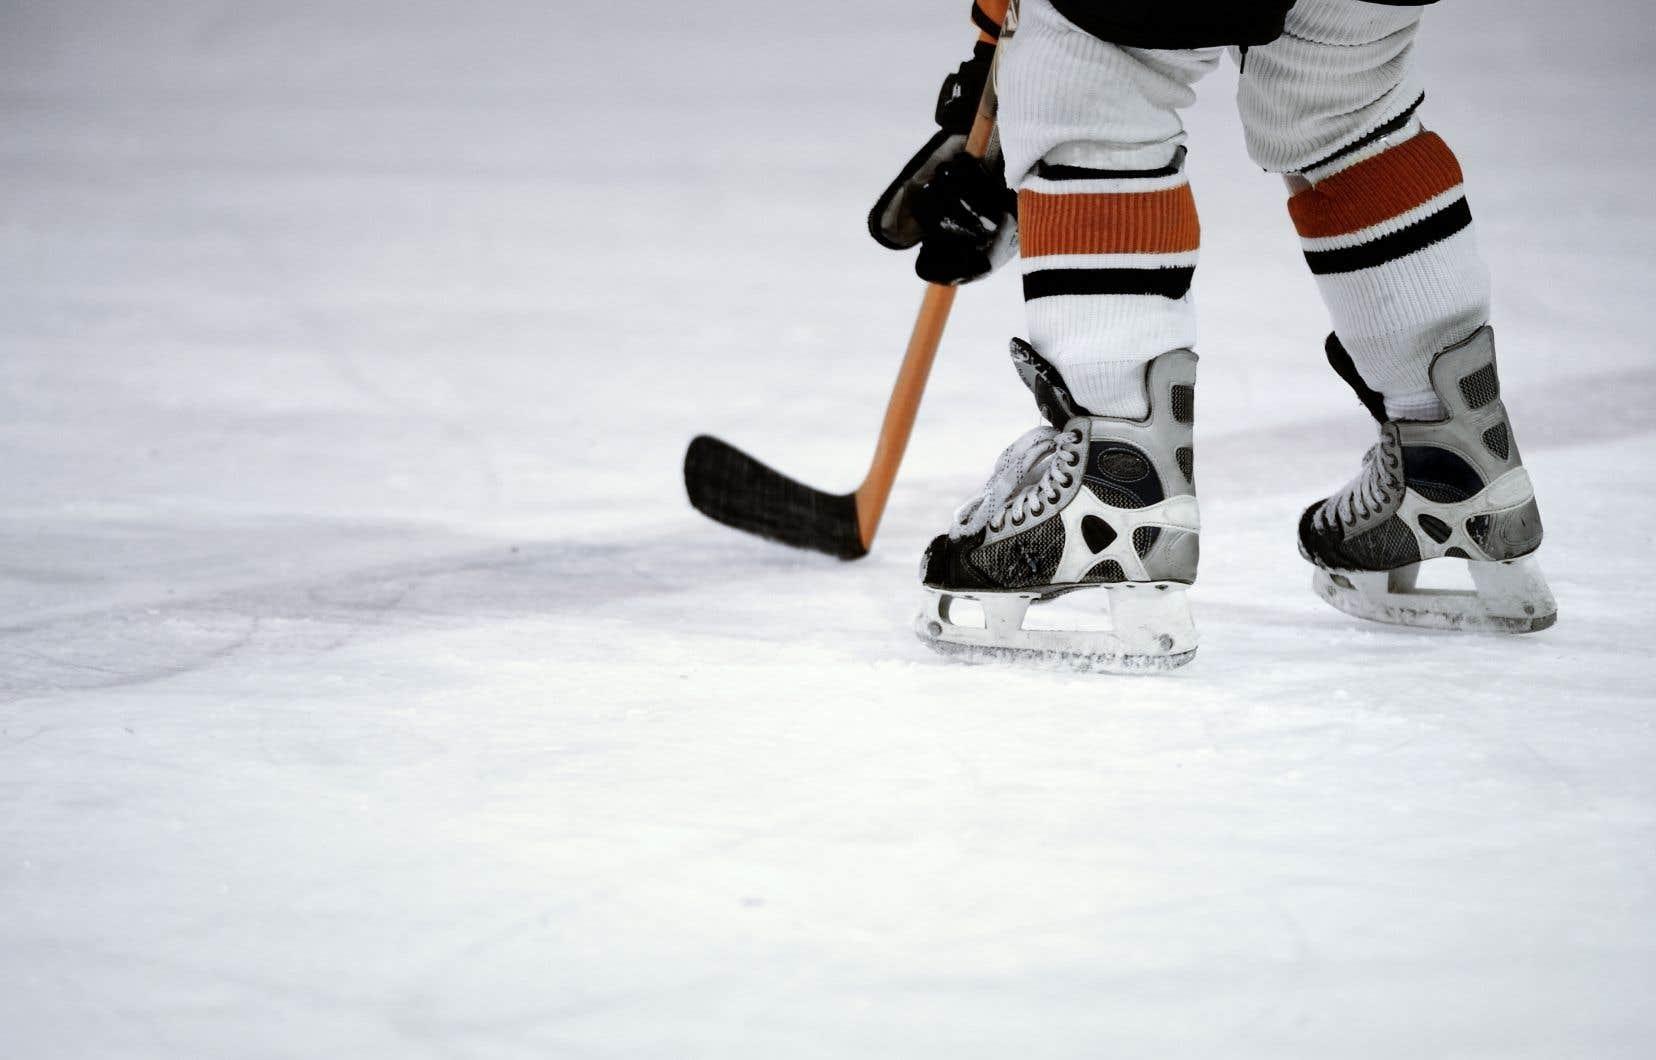 Certaines des présumées victimes étaient des jeunes impliqués dans le hockey, mais d'autres vivaient dans le même quartier que l'accusé.